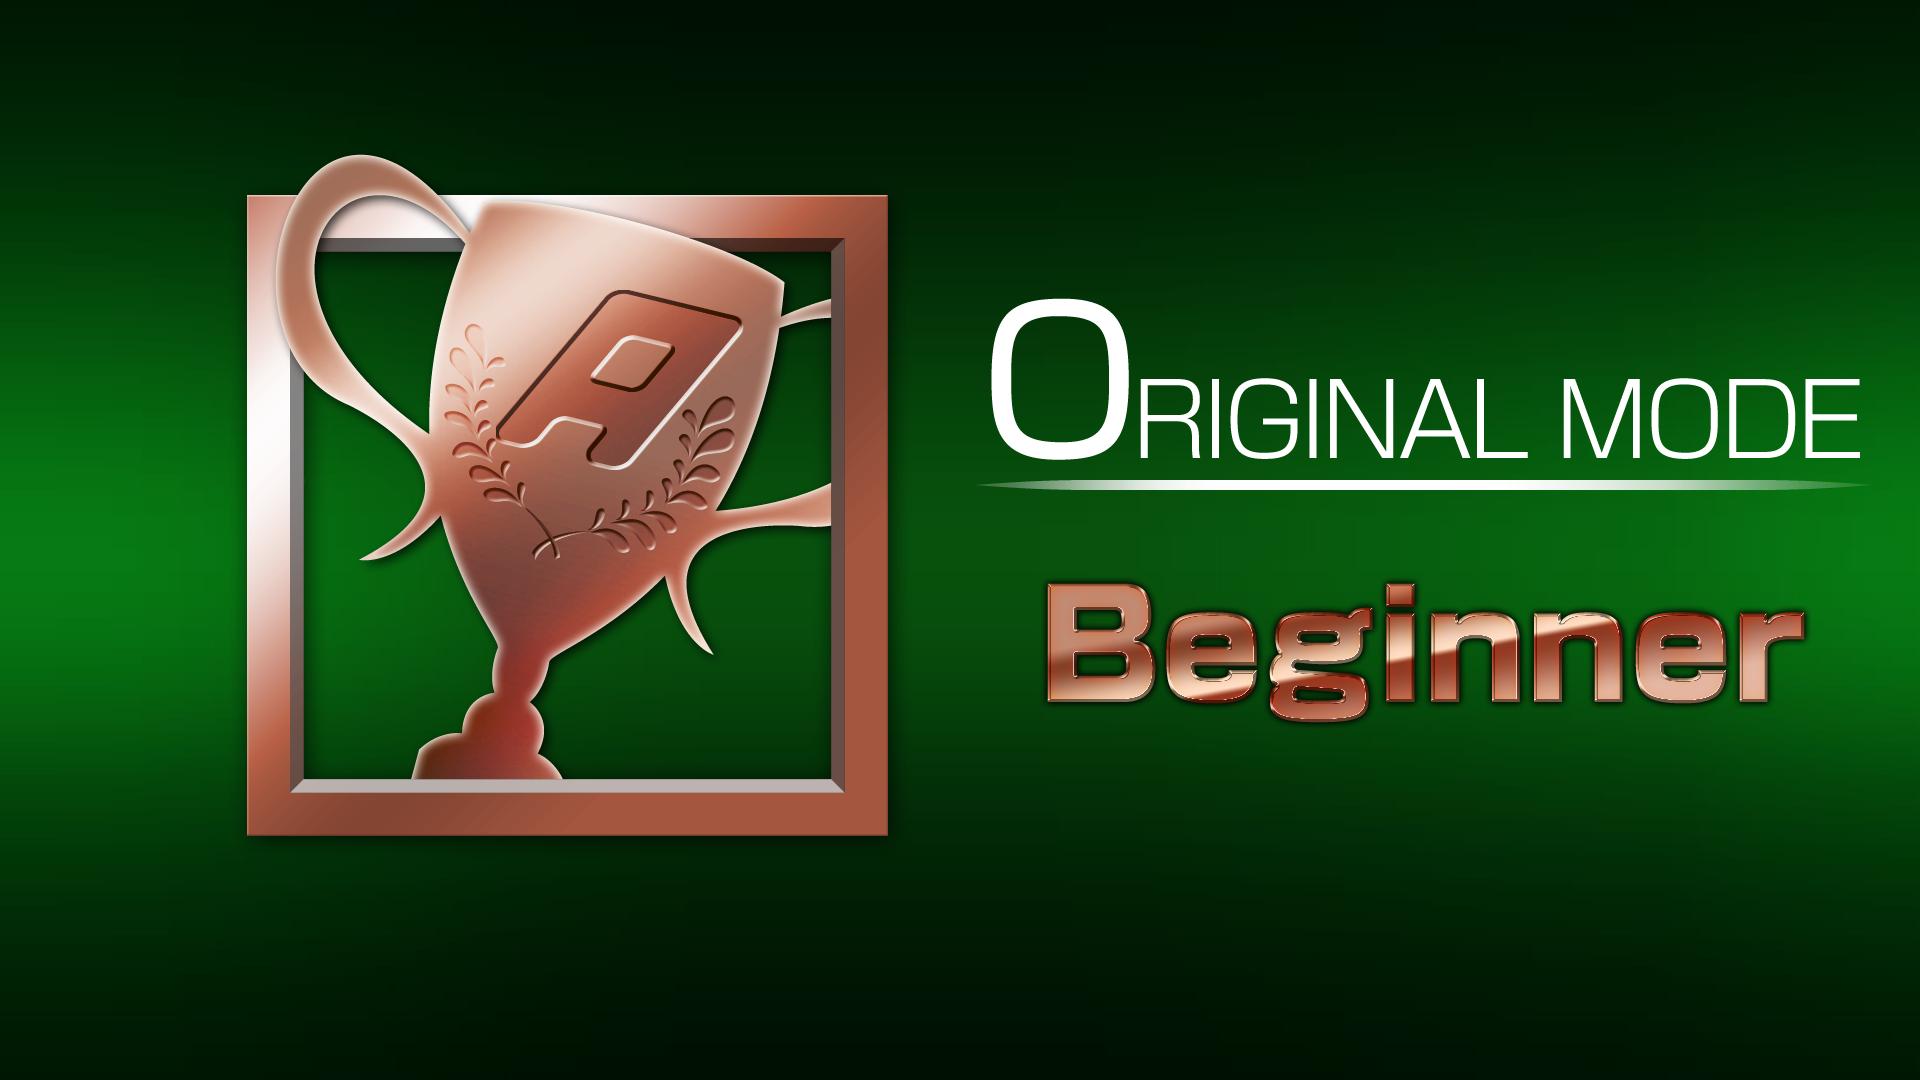 Icon for ORIGINAL MODE 2 win(s)